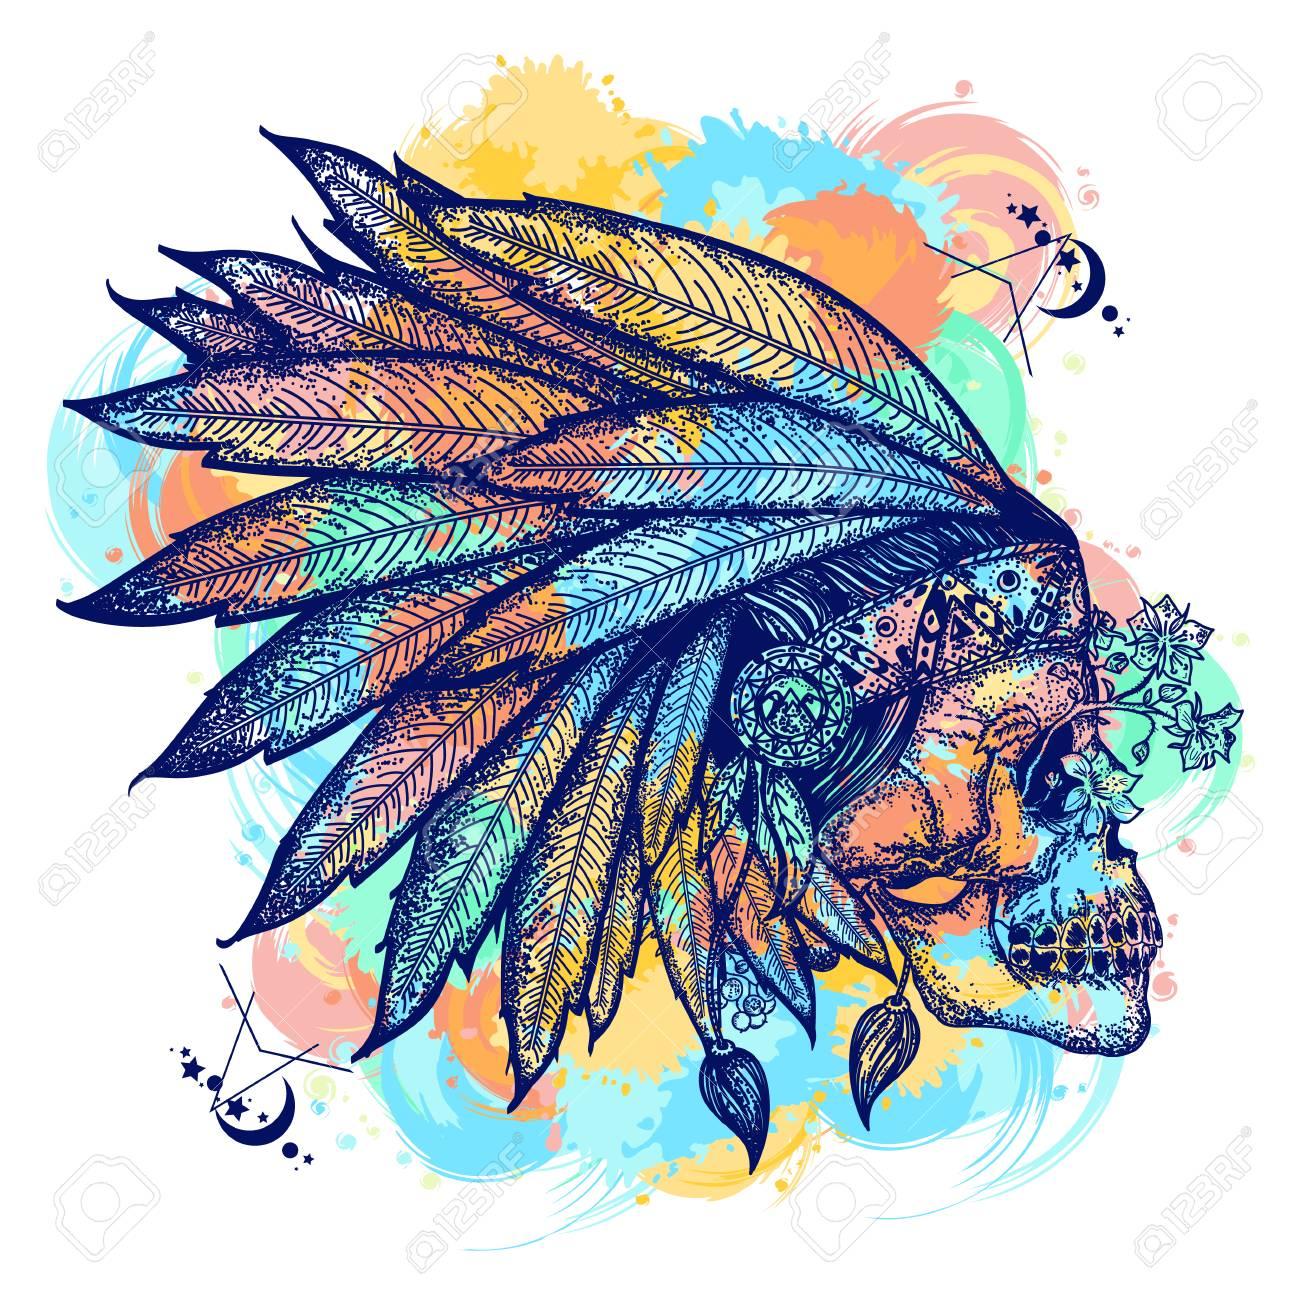 Art De Tatouage Couleur Crane Indien Guerrier Symbole Coiffure De Plumes Indiennes Amerindiennes Avec Un Design De T Shirt Crane Humain Couleur De L Eau De L Ouest Sauvage Eclabousse Le Tatouage Clip Art Libres